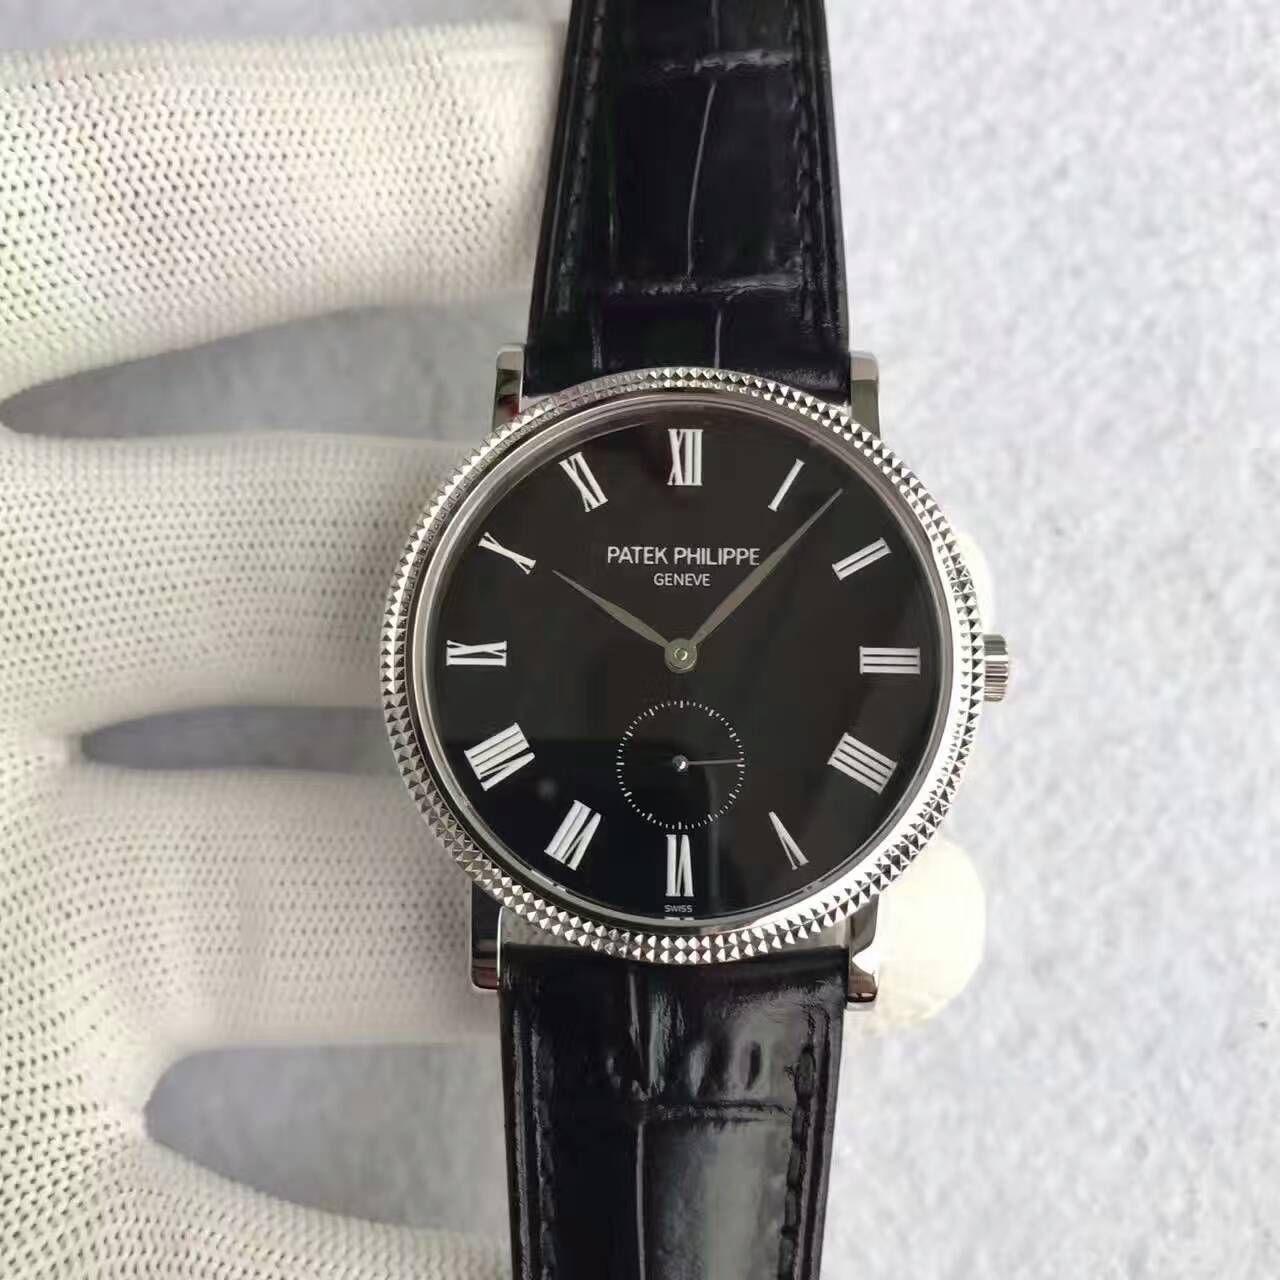 【台湾厂一比一超A精仿手表】百达翡丽古典表系列5119G-001腕表 / BD206